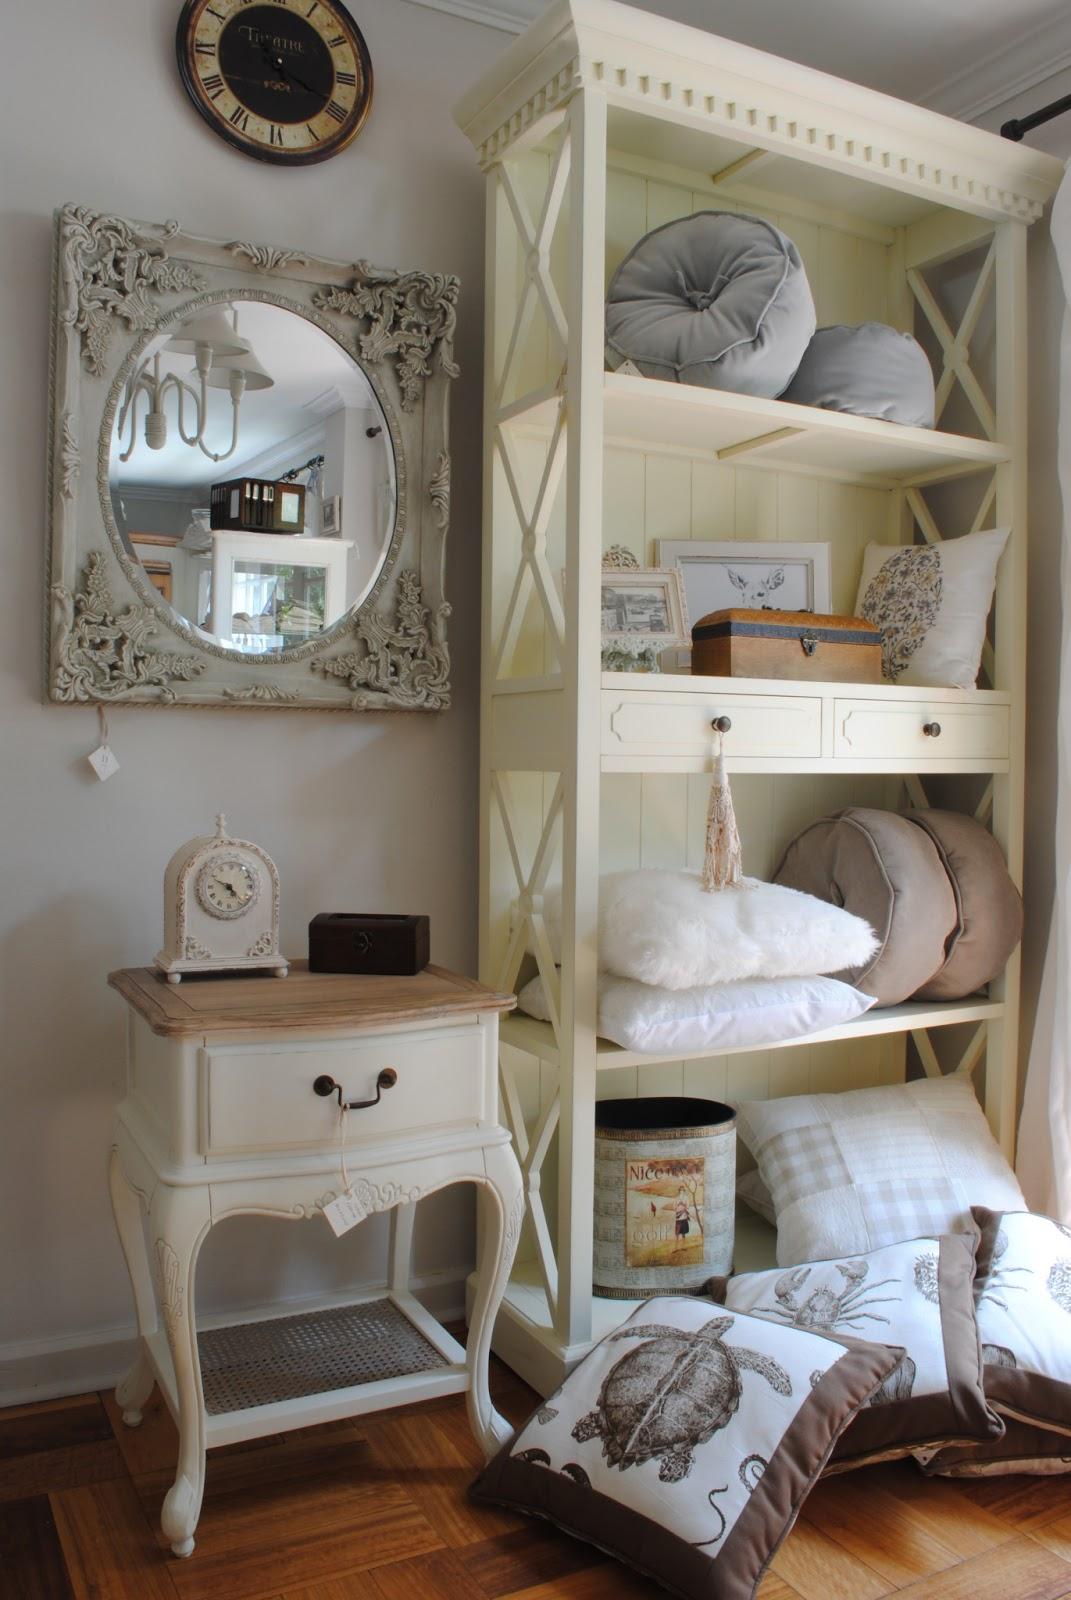 muebles provenzalblancosnormandolínea completa de muebles